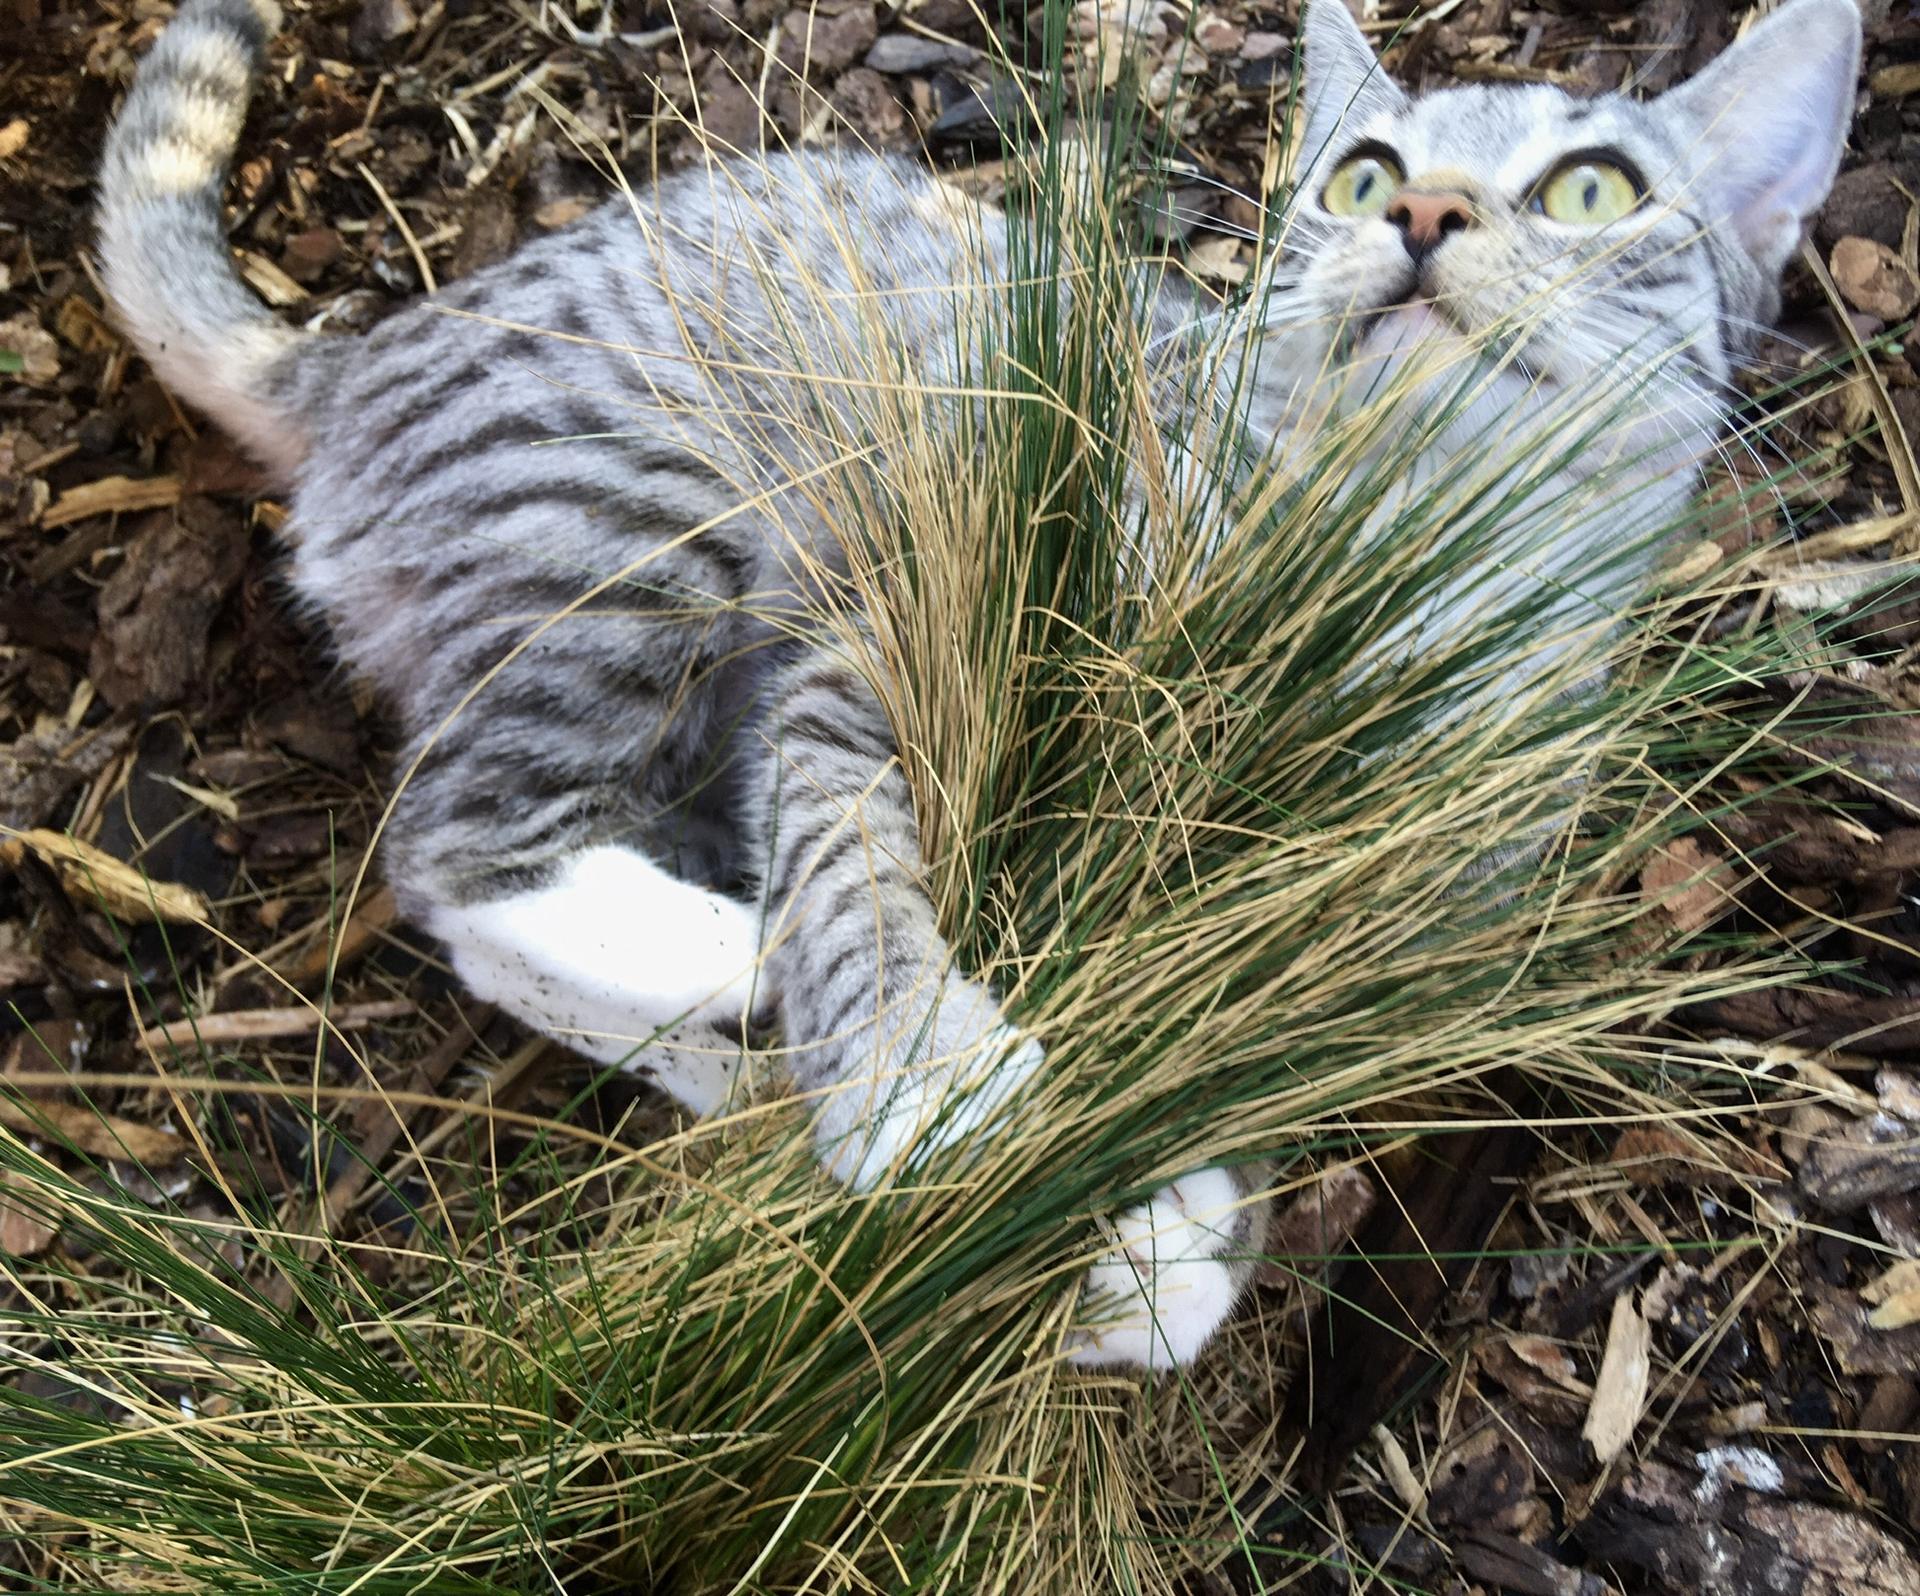 Zahrada 2020 - Ruzenka mi pomaha strihat dekorativni smaragdovou travu 😫